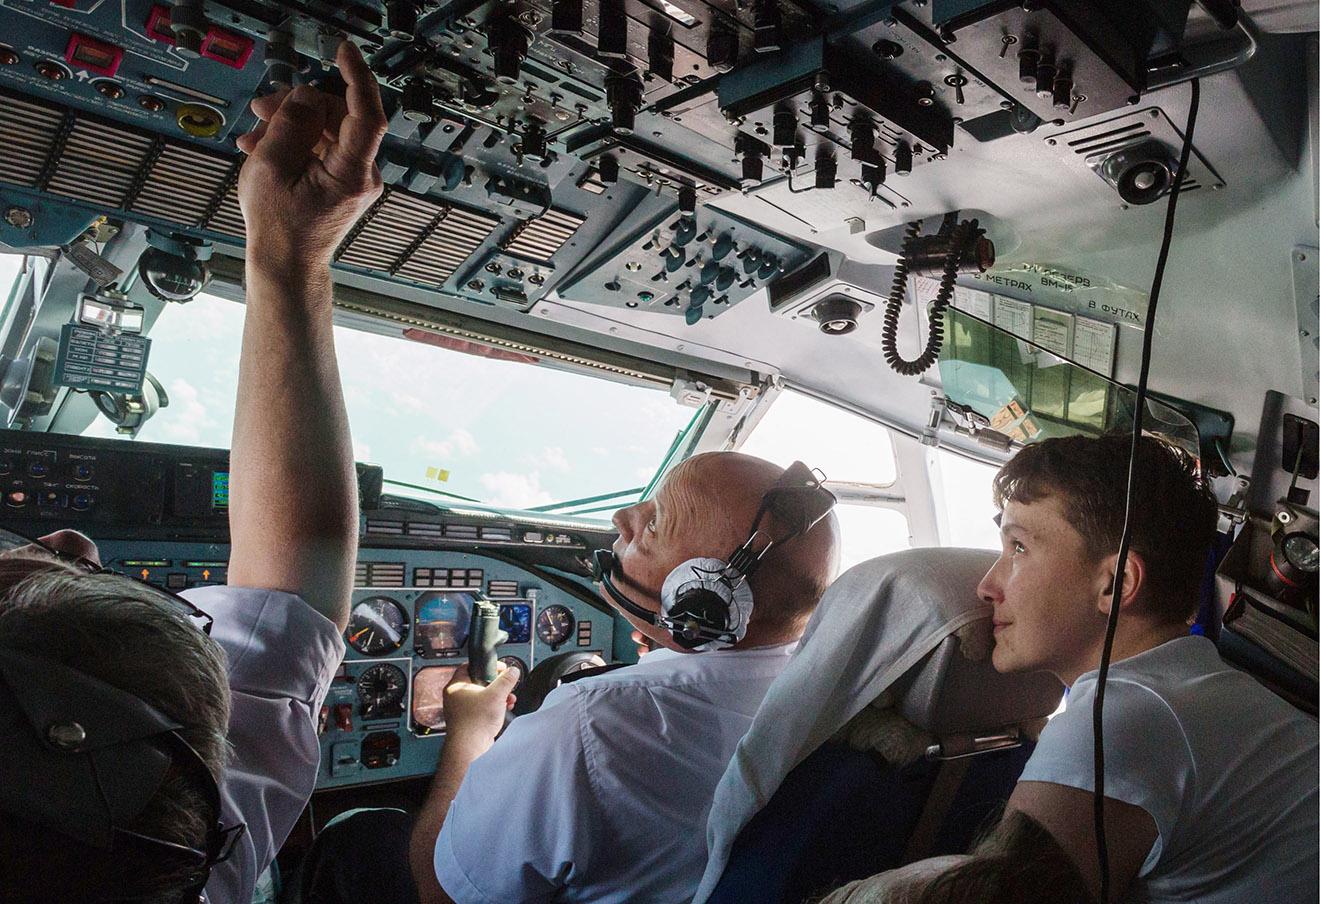 Надежда Савченко во время прибытия в аэропорт Борисполь, 25 мая 2016 года.